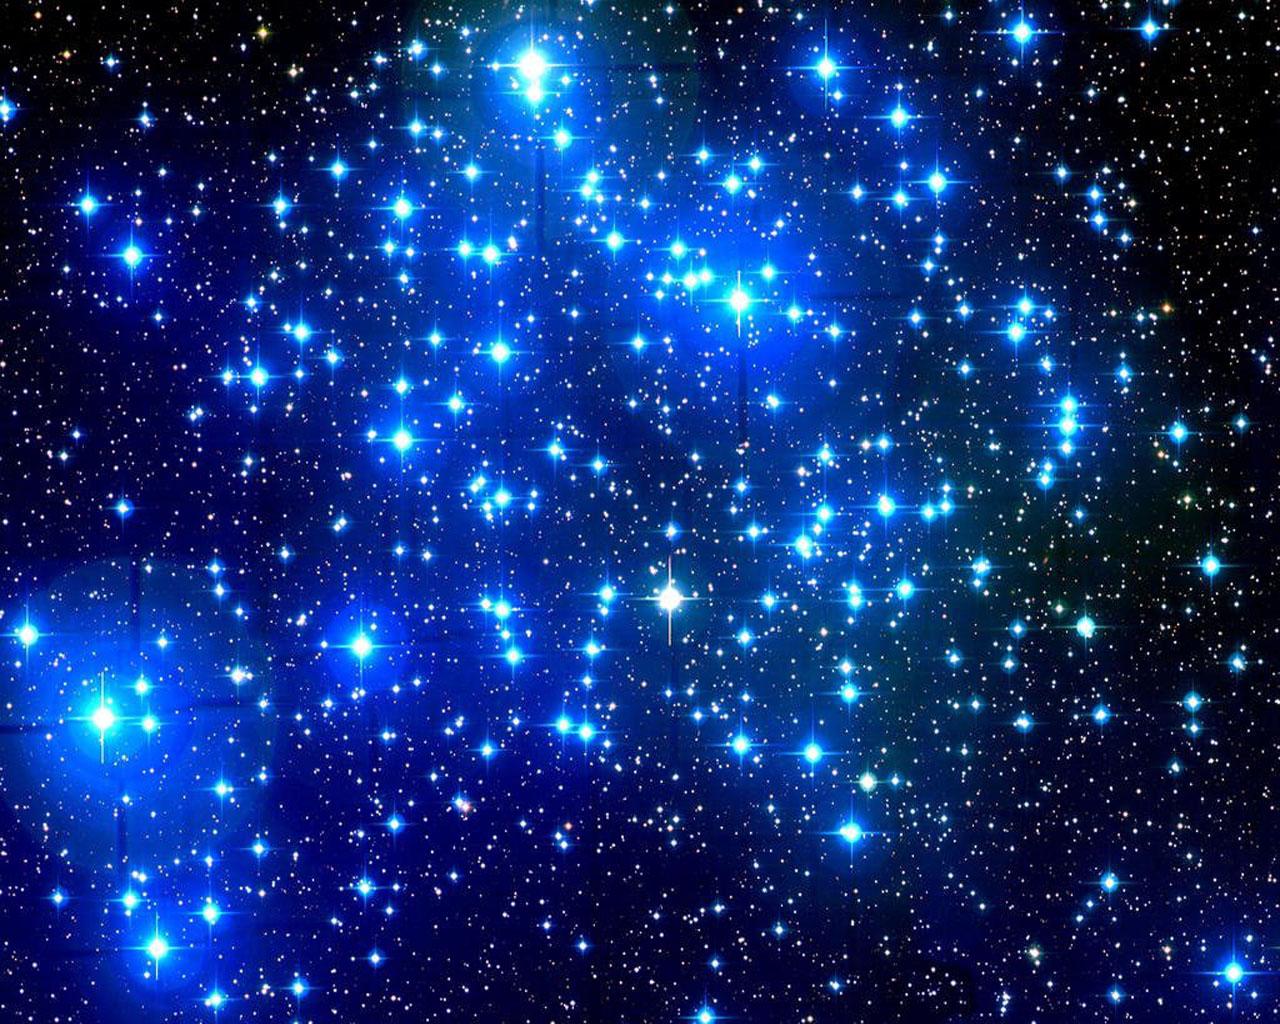 Fondos de las estrellas